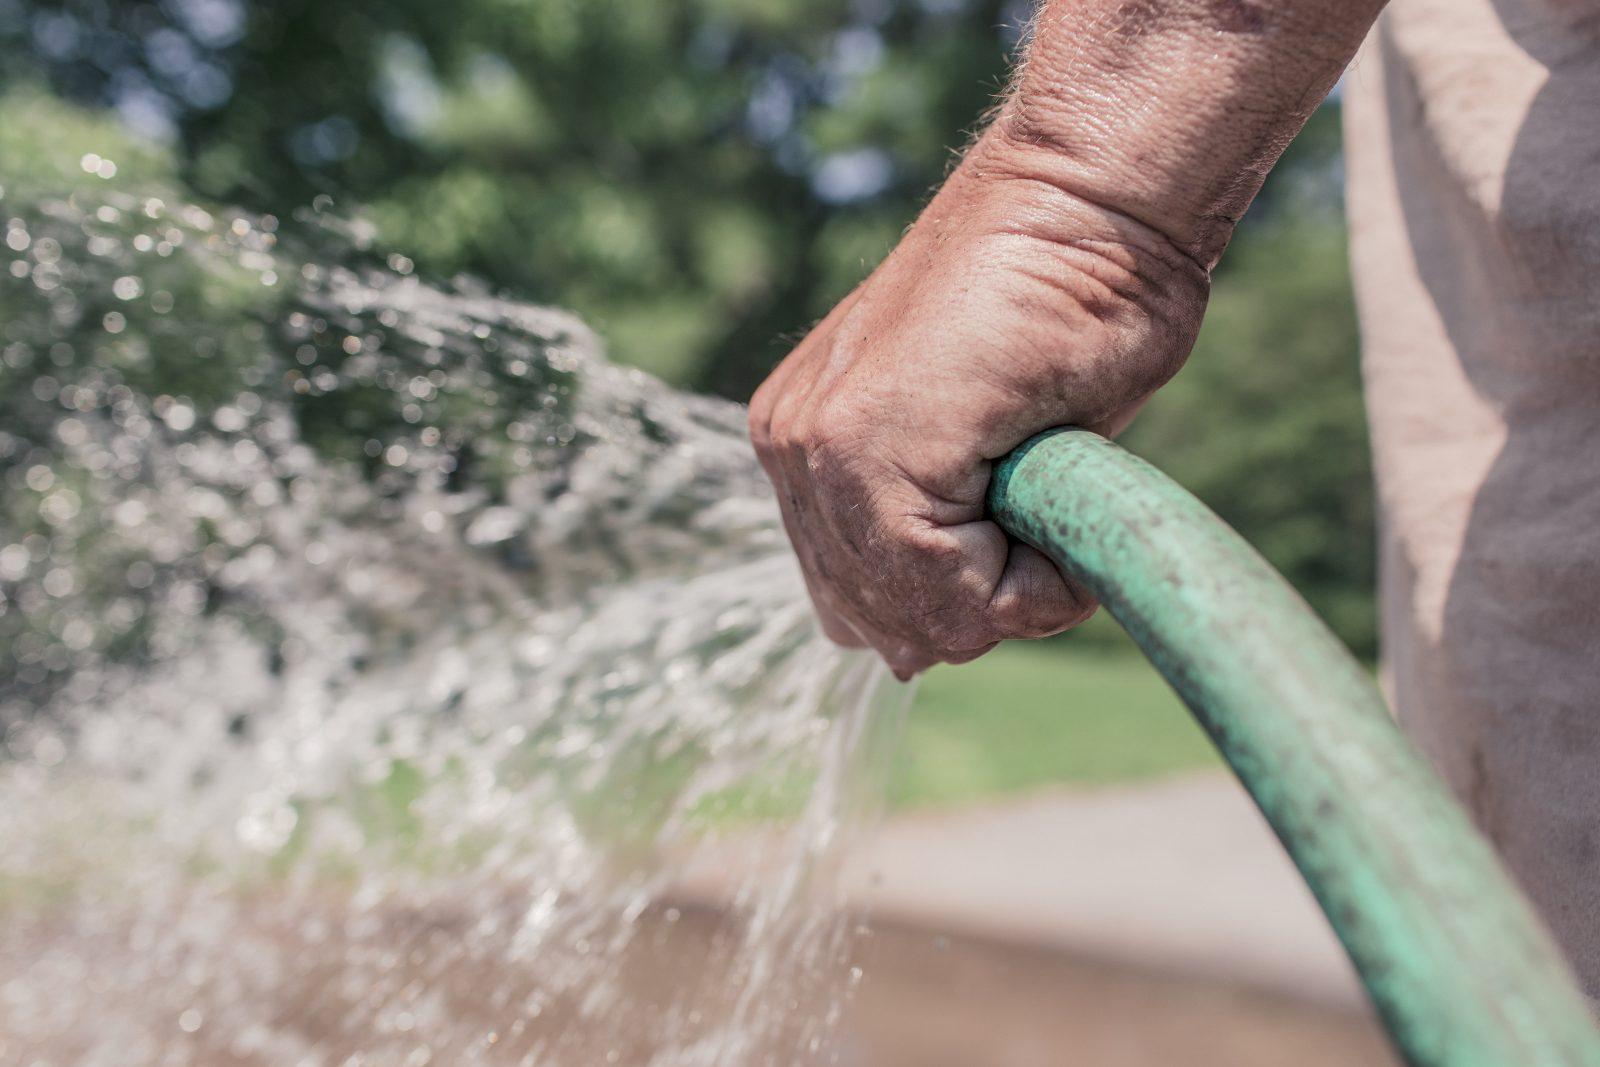 Avis préventif concernant la consommation d'eau potable à Montmagny